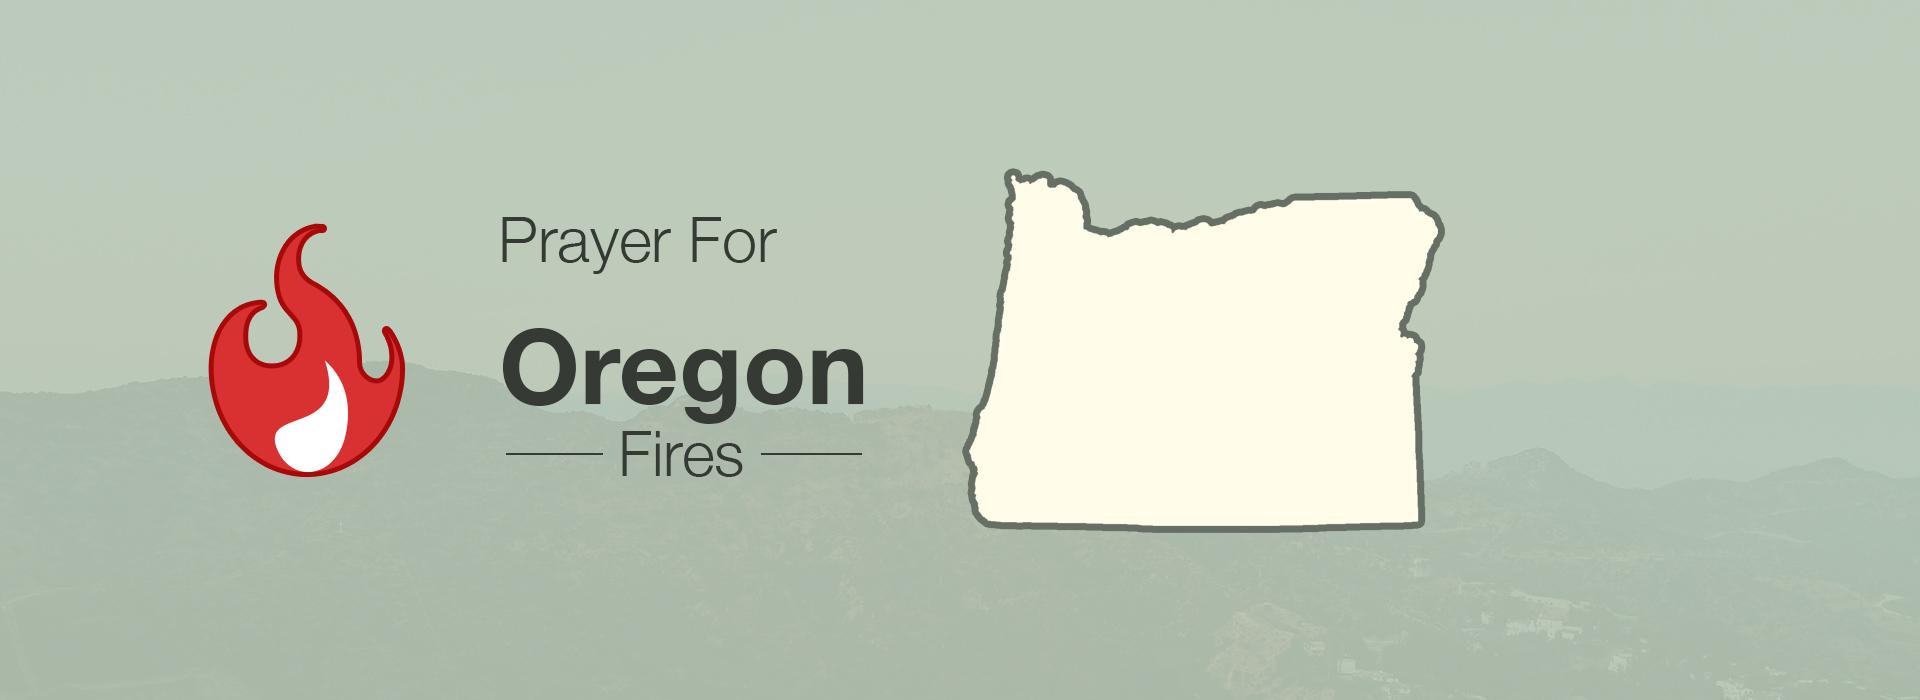 FastingPrayerDay_Oregon.jpg